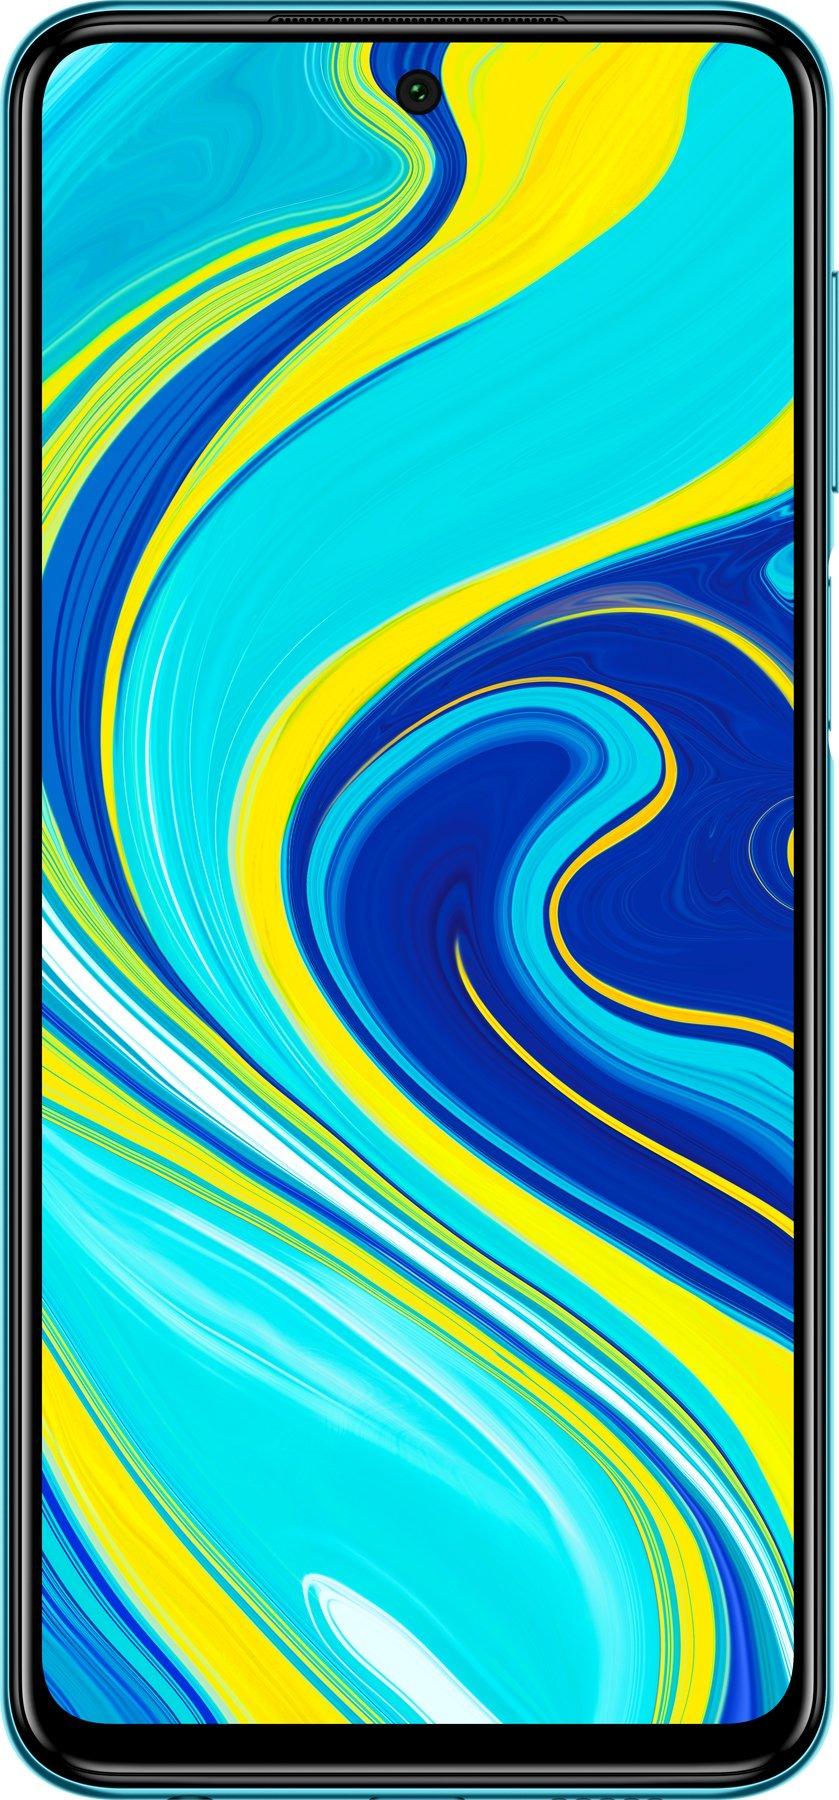 Xiaomi Redmi Note 9S 6GB/128GB BLUE - 1